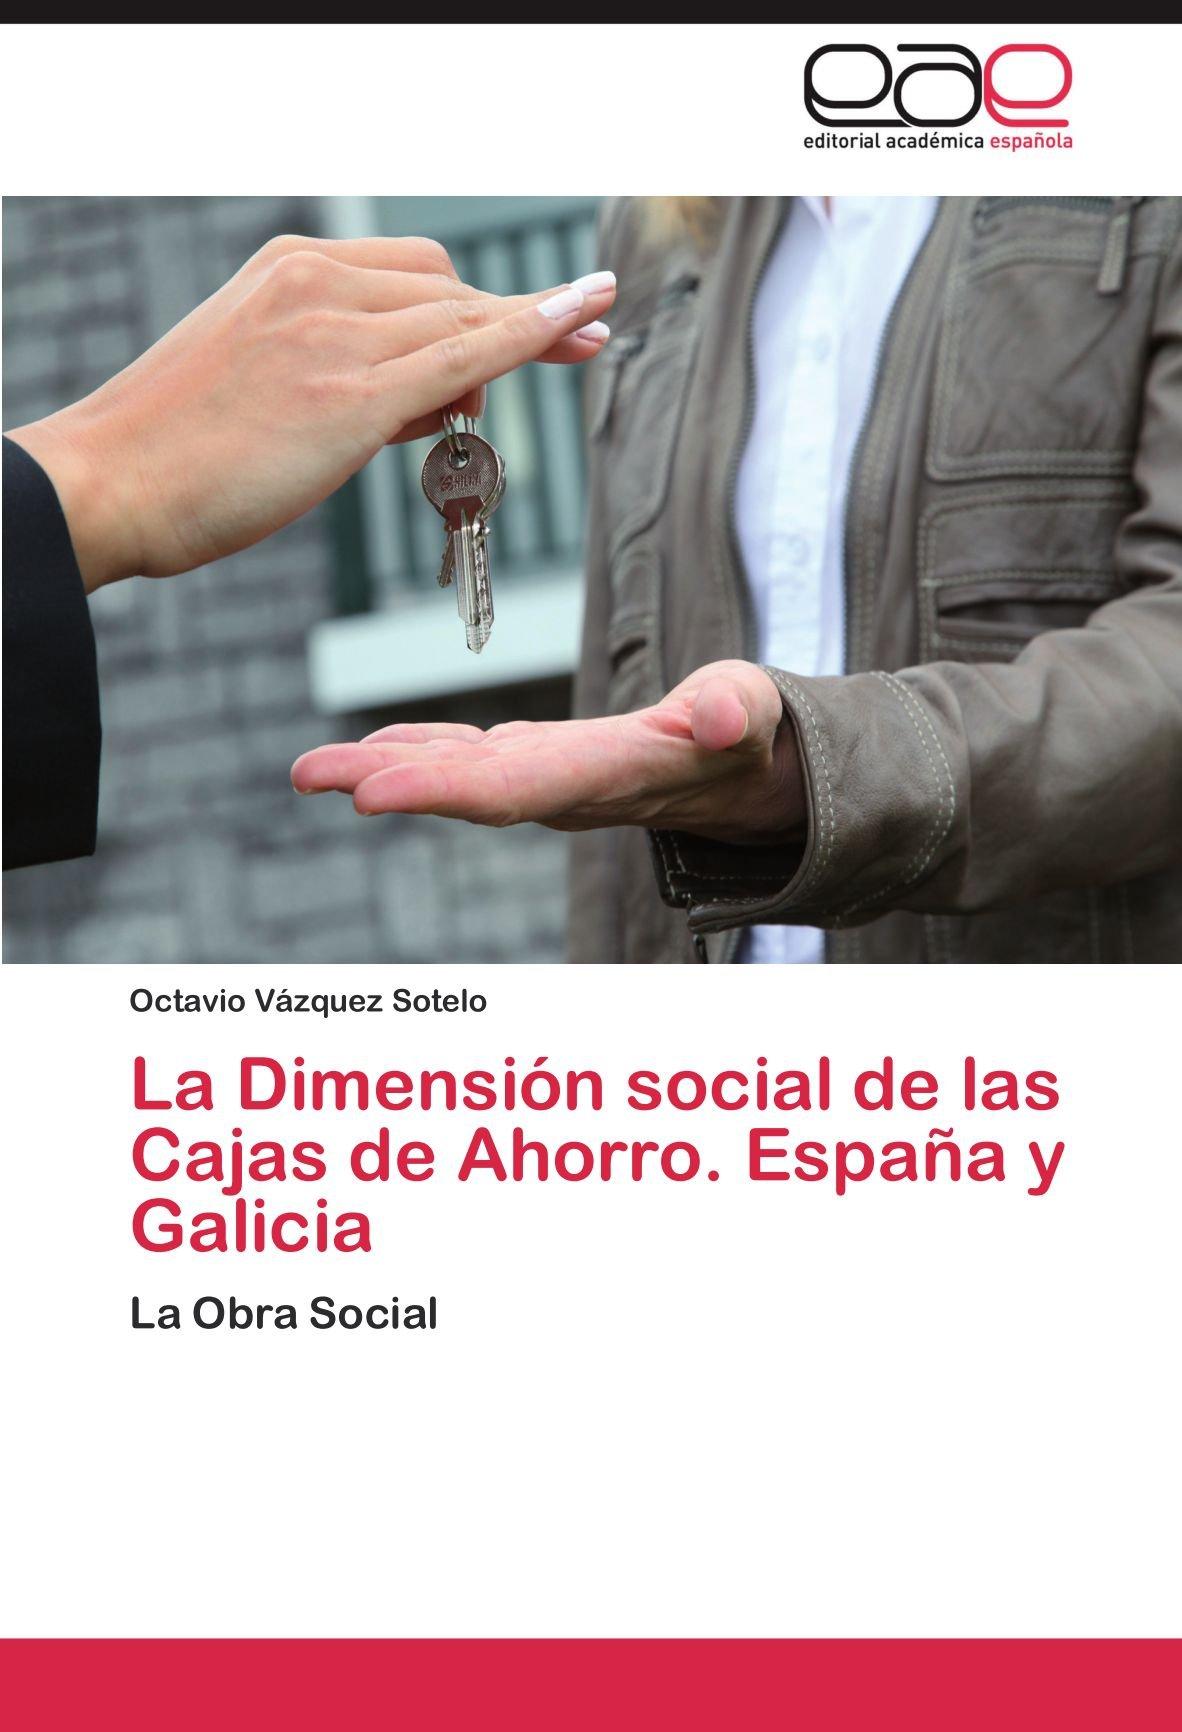 La Dimension Social de Las Cajas de Ahorro. Espana y Galicia: Amazon.es: Octavio V. Zquez Sotelo, Octavio Vazquez Sotelo: Libros